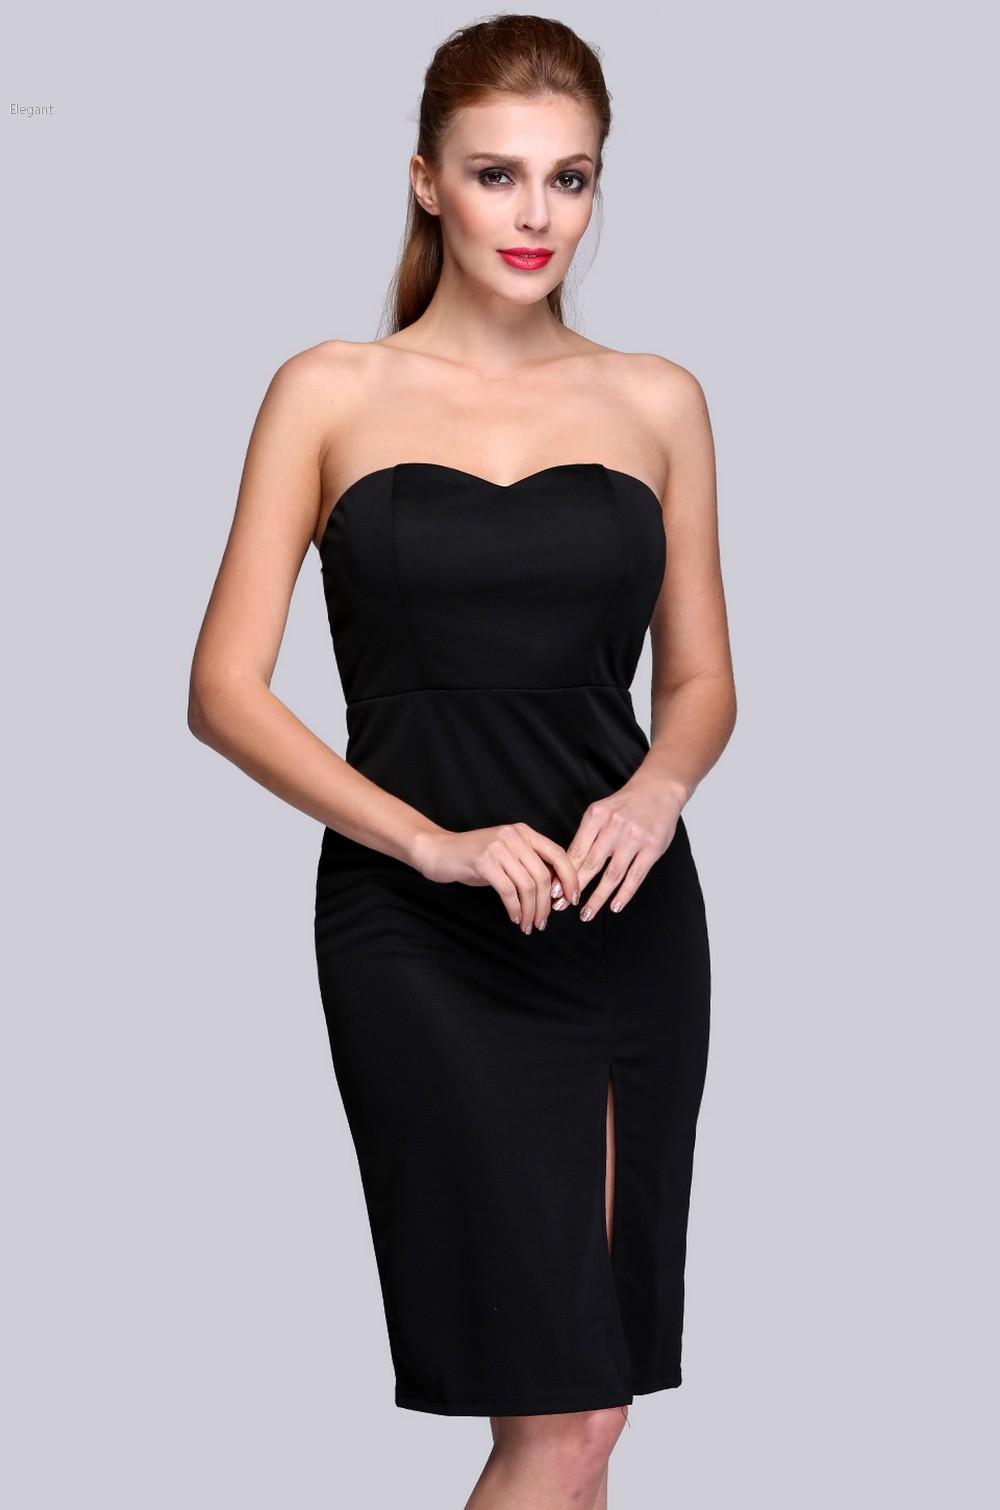 Innovative Knee Length Dresses For Women  Women Dresses